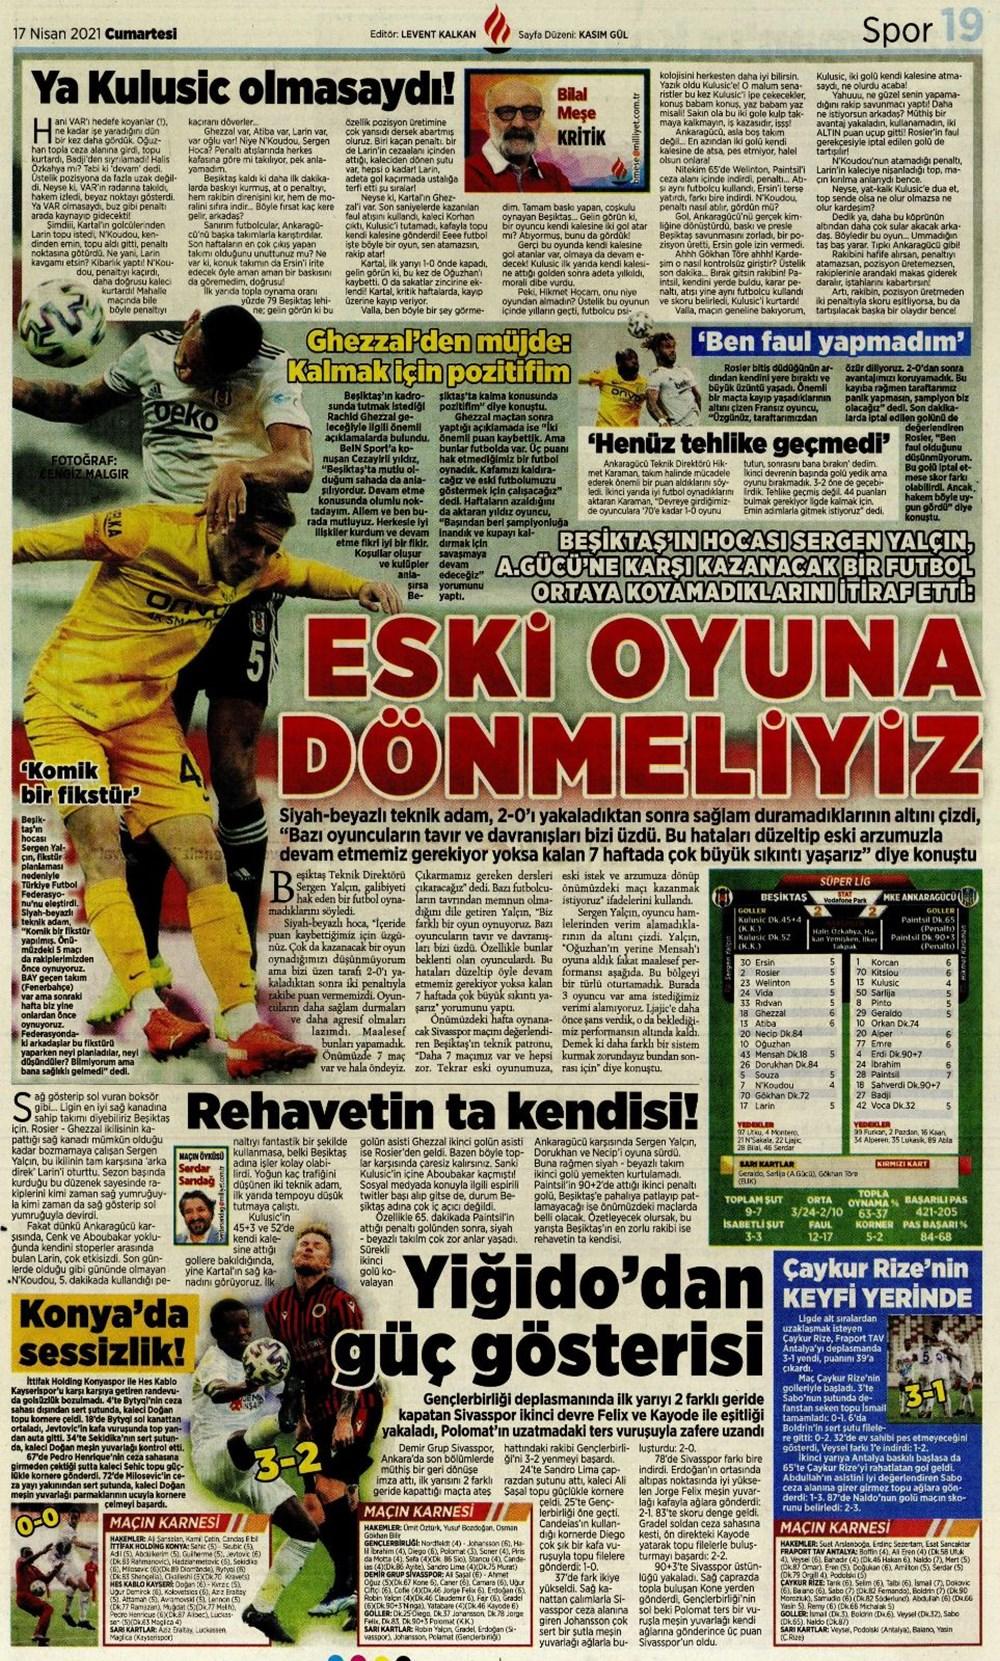 Günün spor manşetleri (17 Nisan 2021) - 13